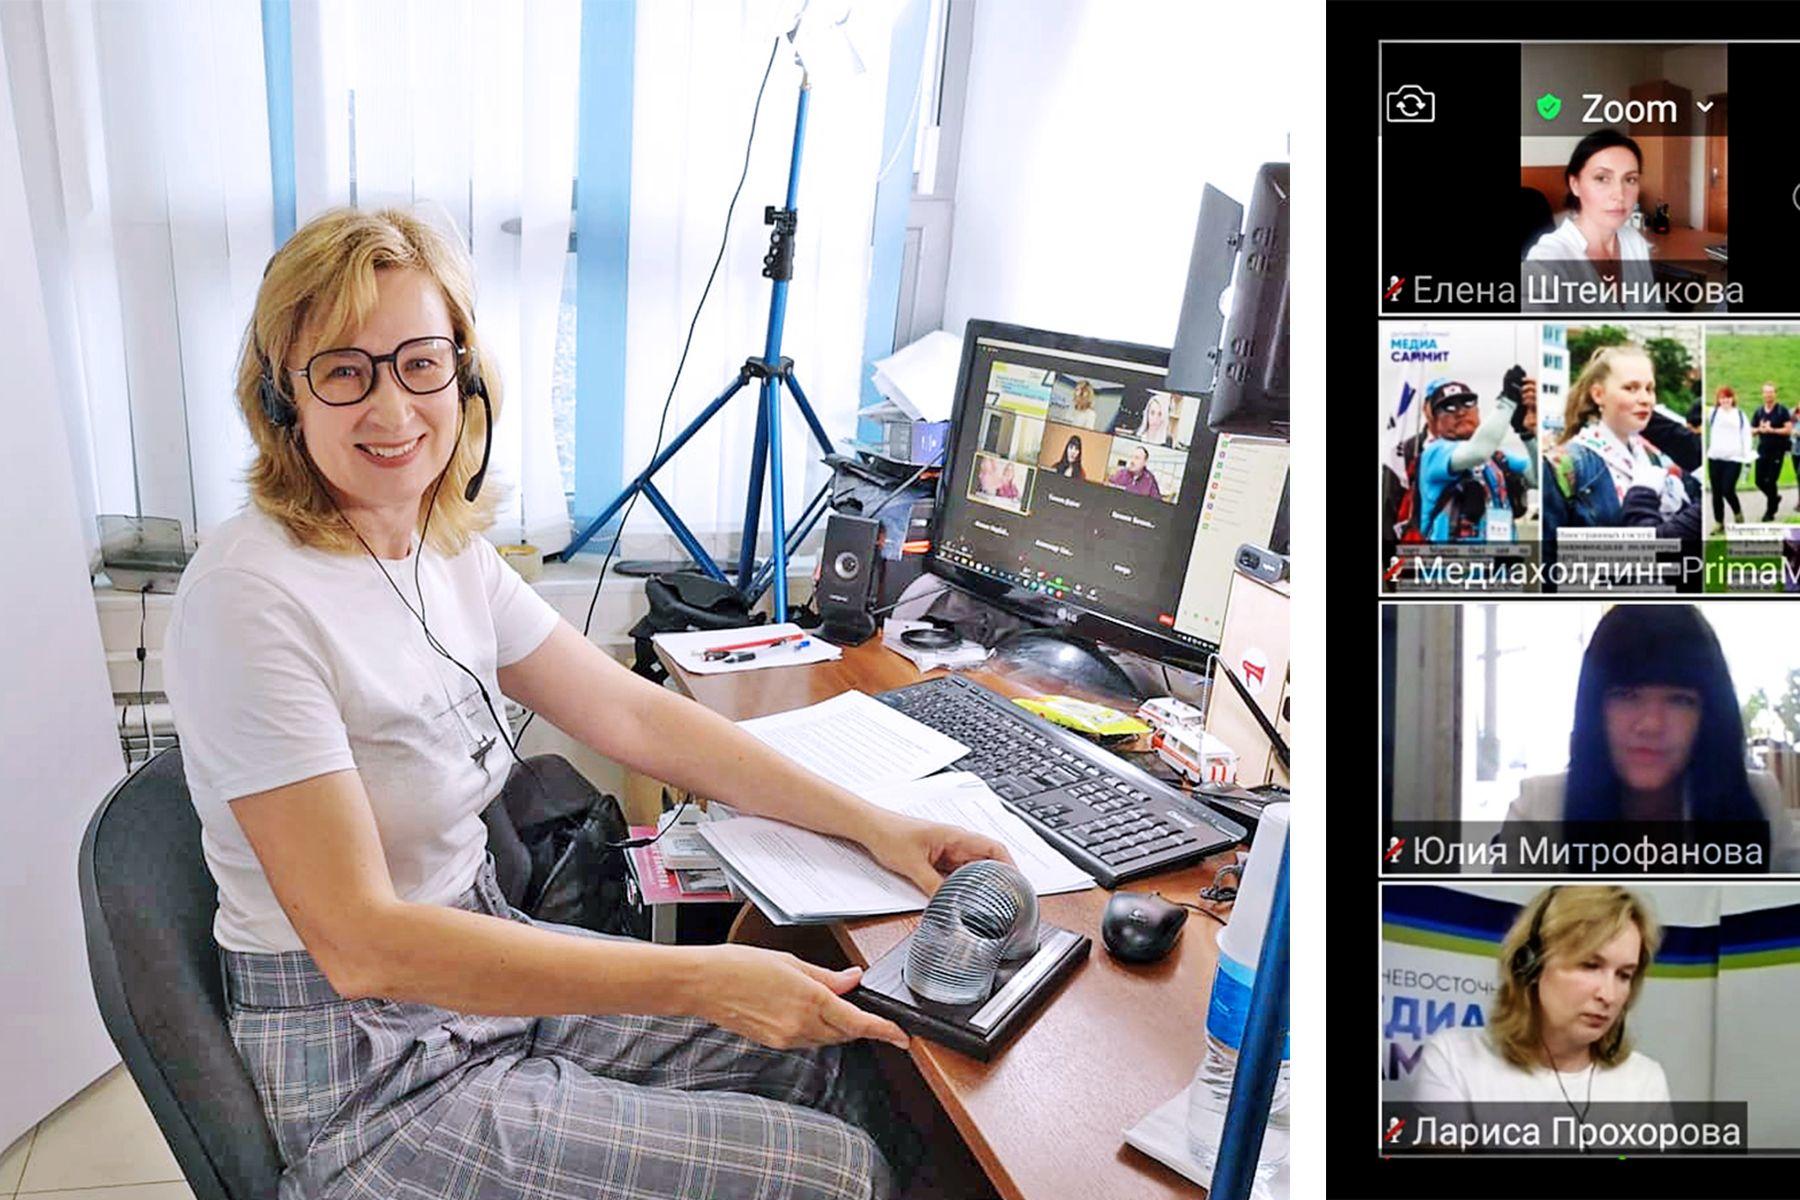 Перспективы медиаобразования в регионе и традиционный конкурс PR служб: ВГУЭС принимает активное участие в 7 Дальневосточном Медиасаммите